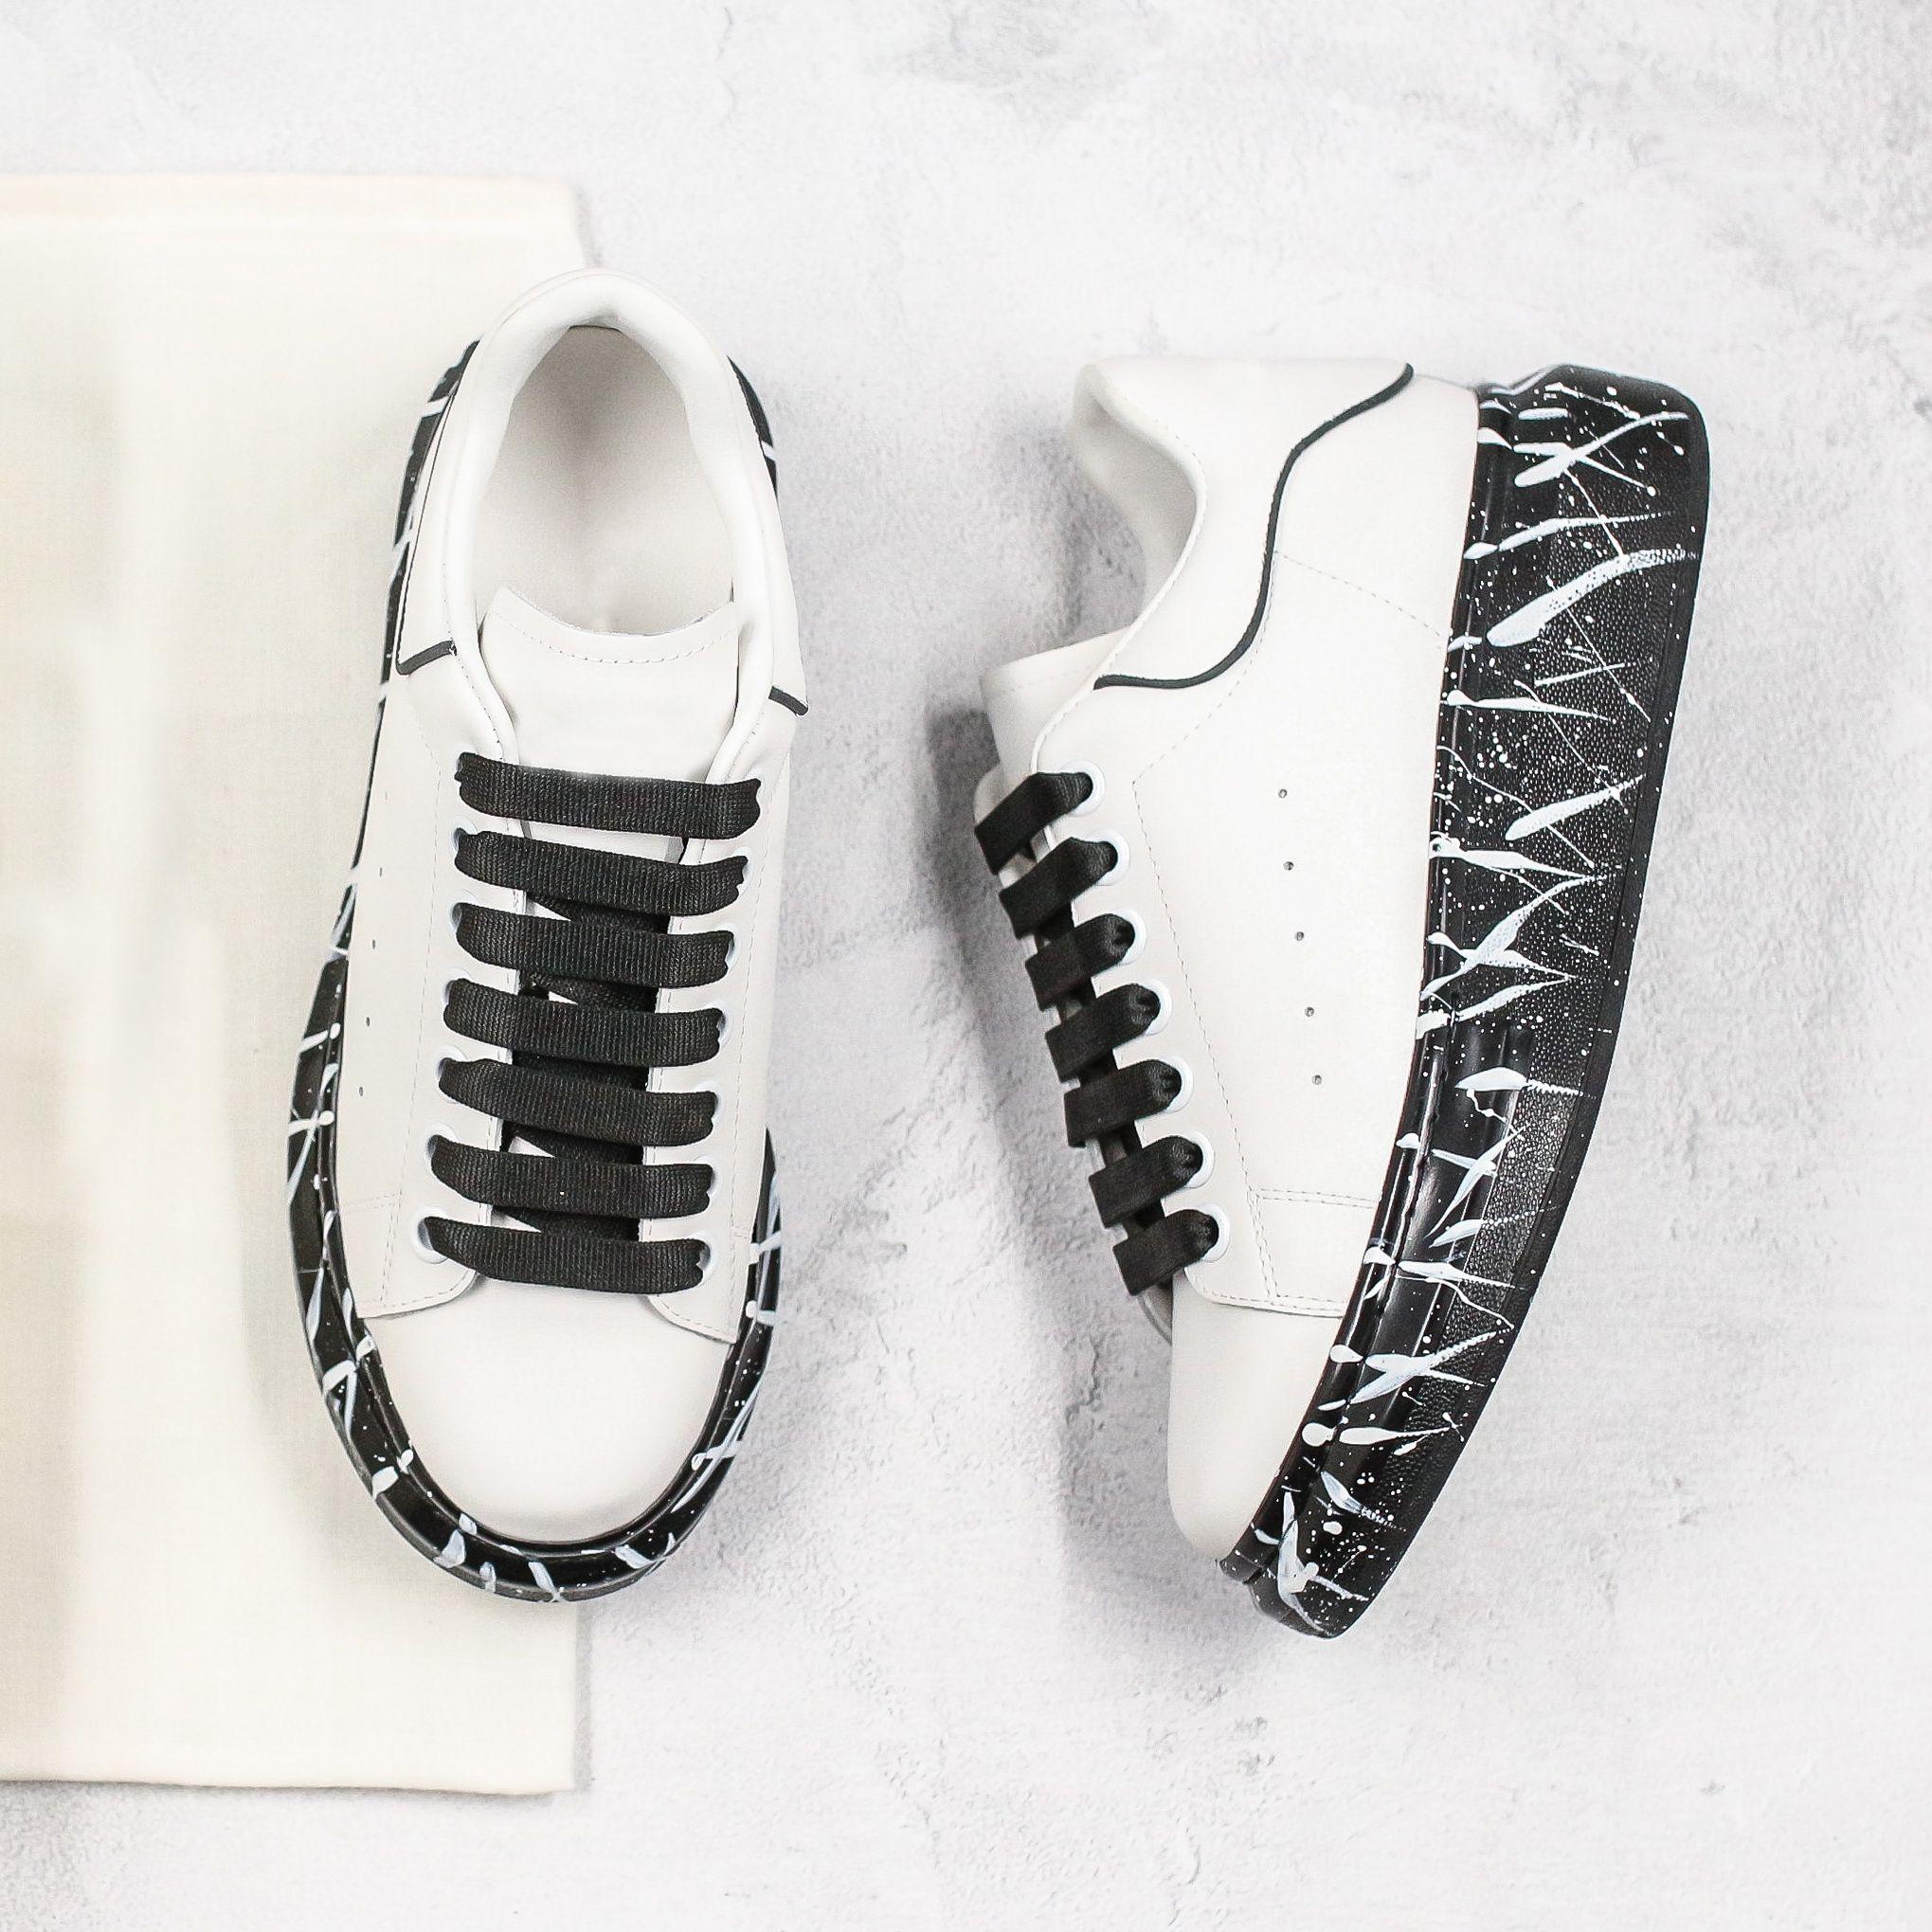 2020 أعلى منصة الأبيض مصمم الأزياء والأحذية mcPueens عاكس جلدية أفضل النساء احذية أسود رمادي أحذية عارضة حذاء رياضة حجم 35-45